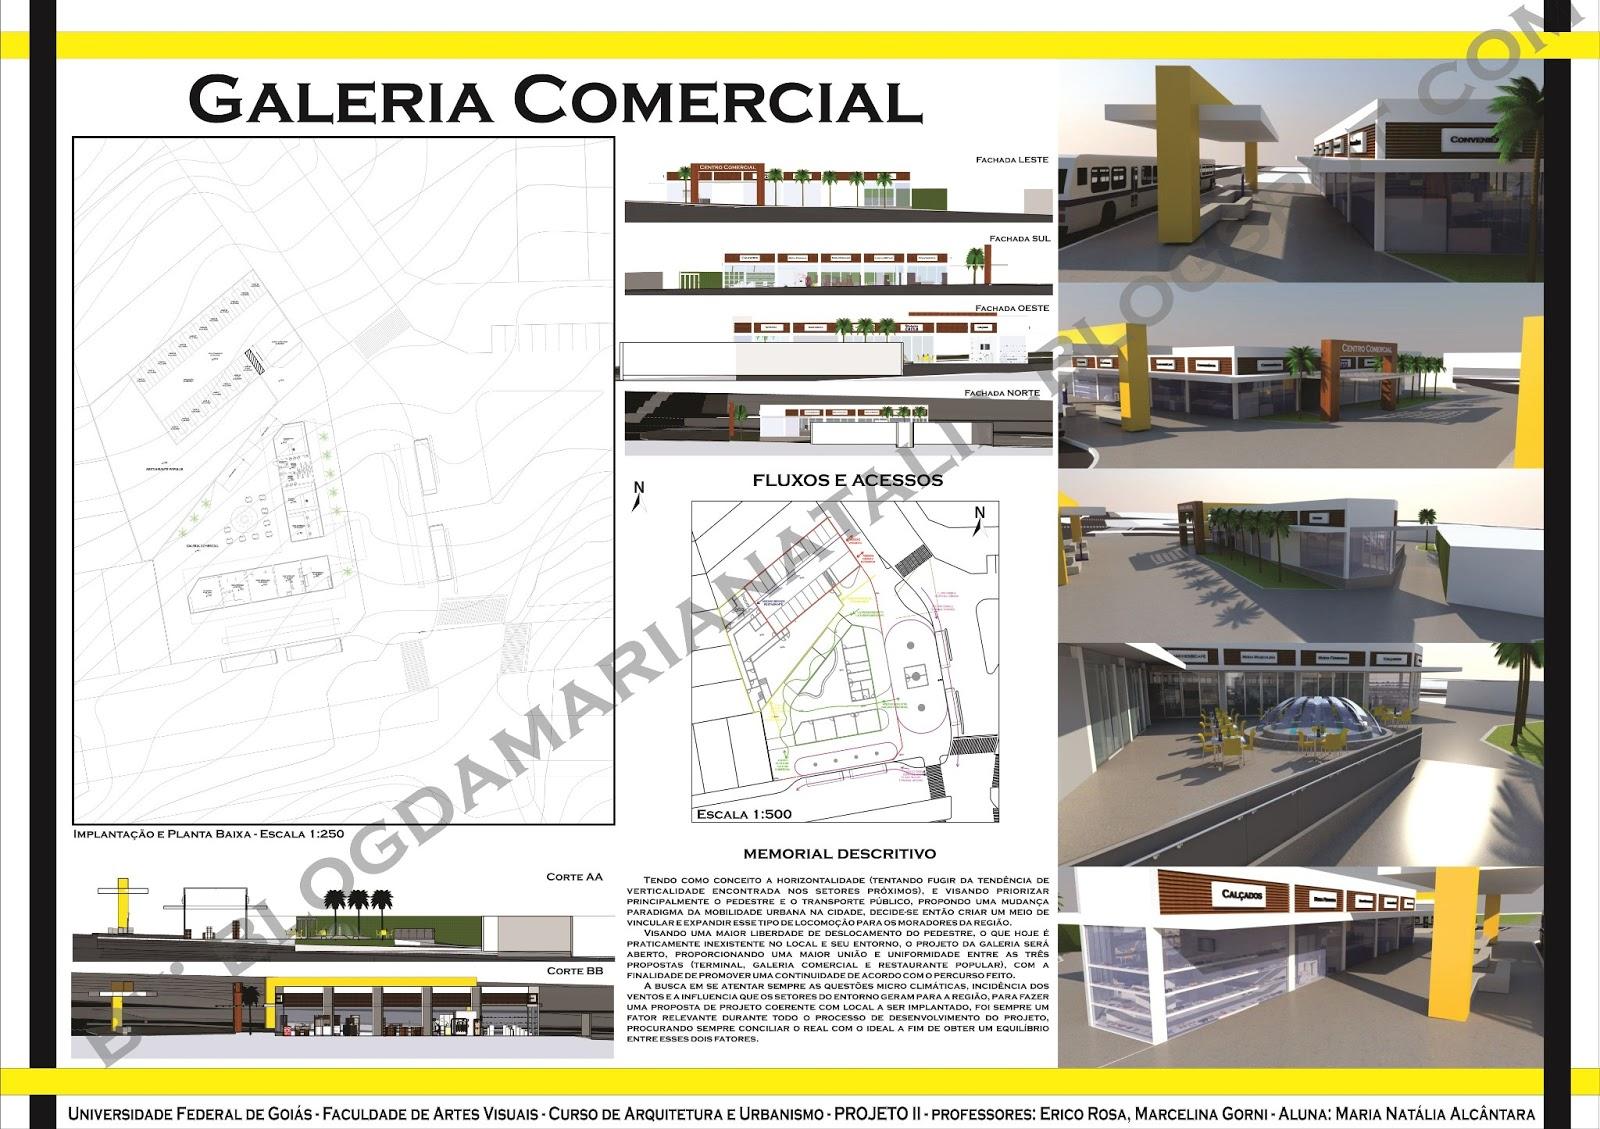 Etapa 3 galeria comercial projeto 2 ufg arq urb - Galeria comercial ...